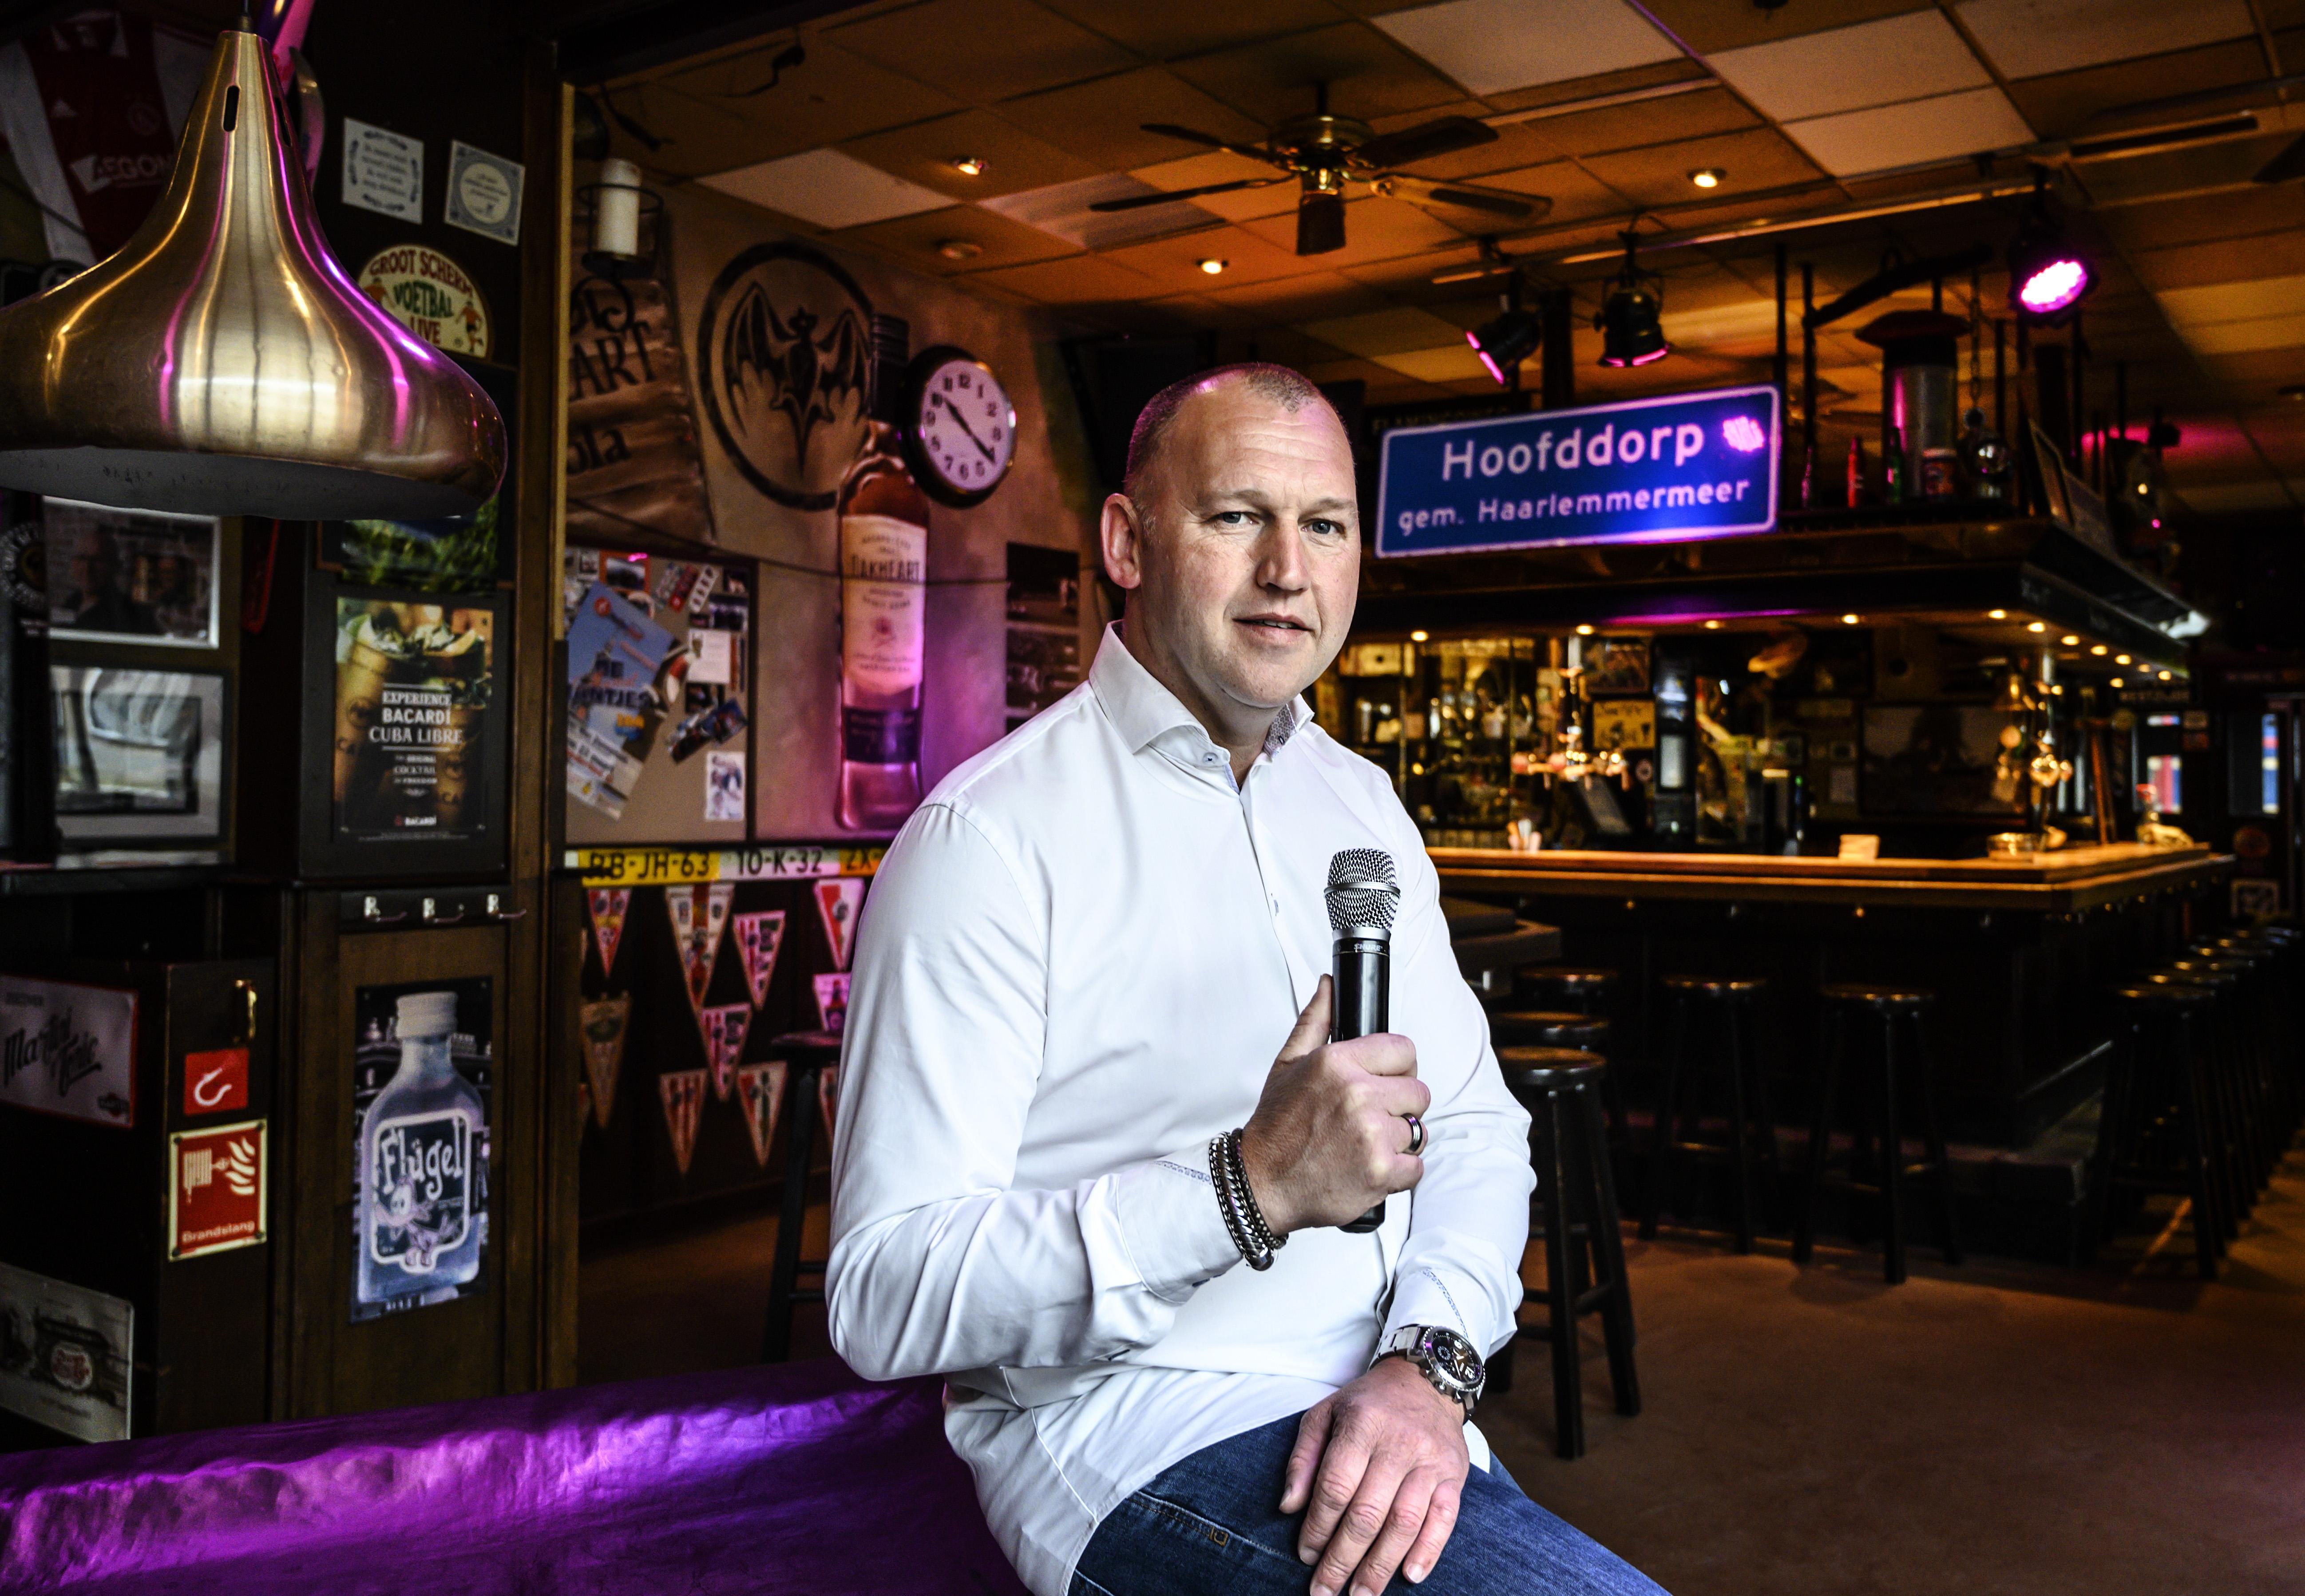 Zingende barkeeper Mark Meijer tevreden in Hoofddorp; 'Ik heb het hier getroffen'